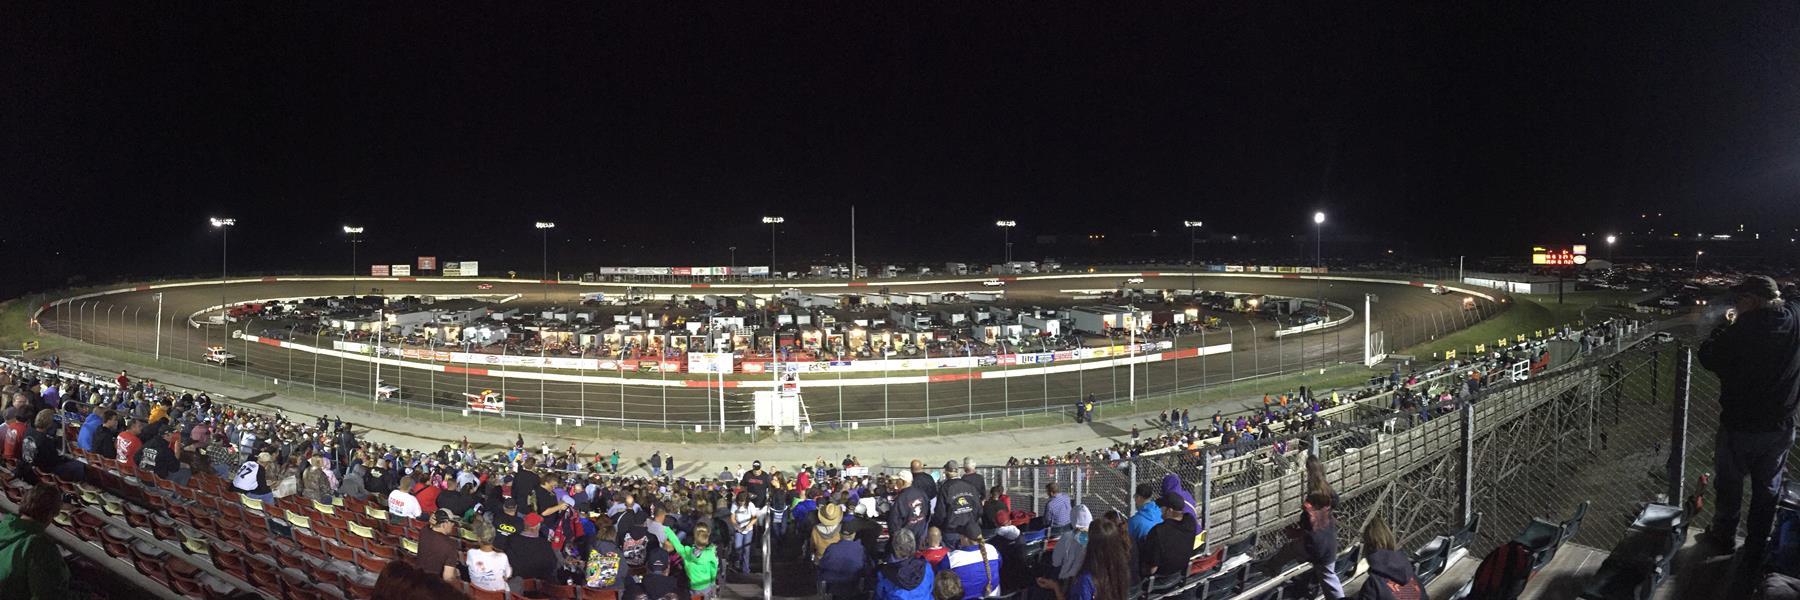 9/15/2021 - I-80 Speedway